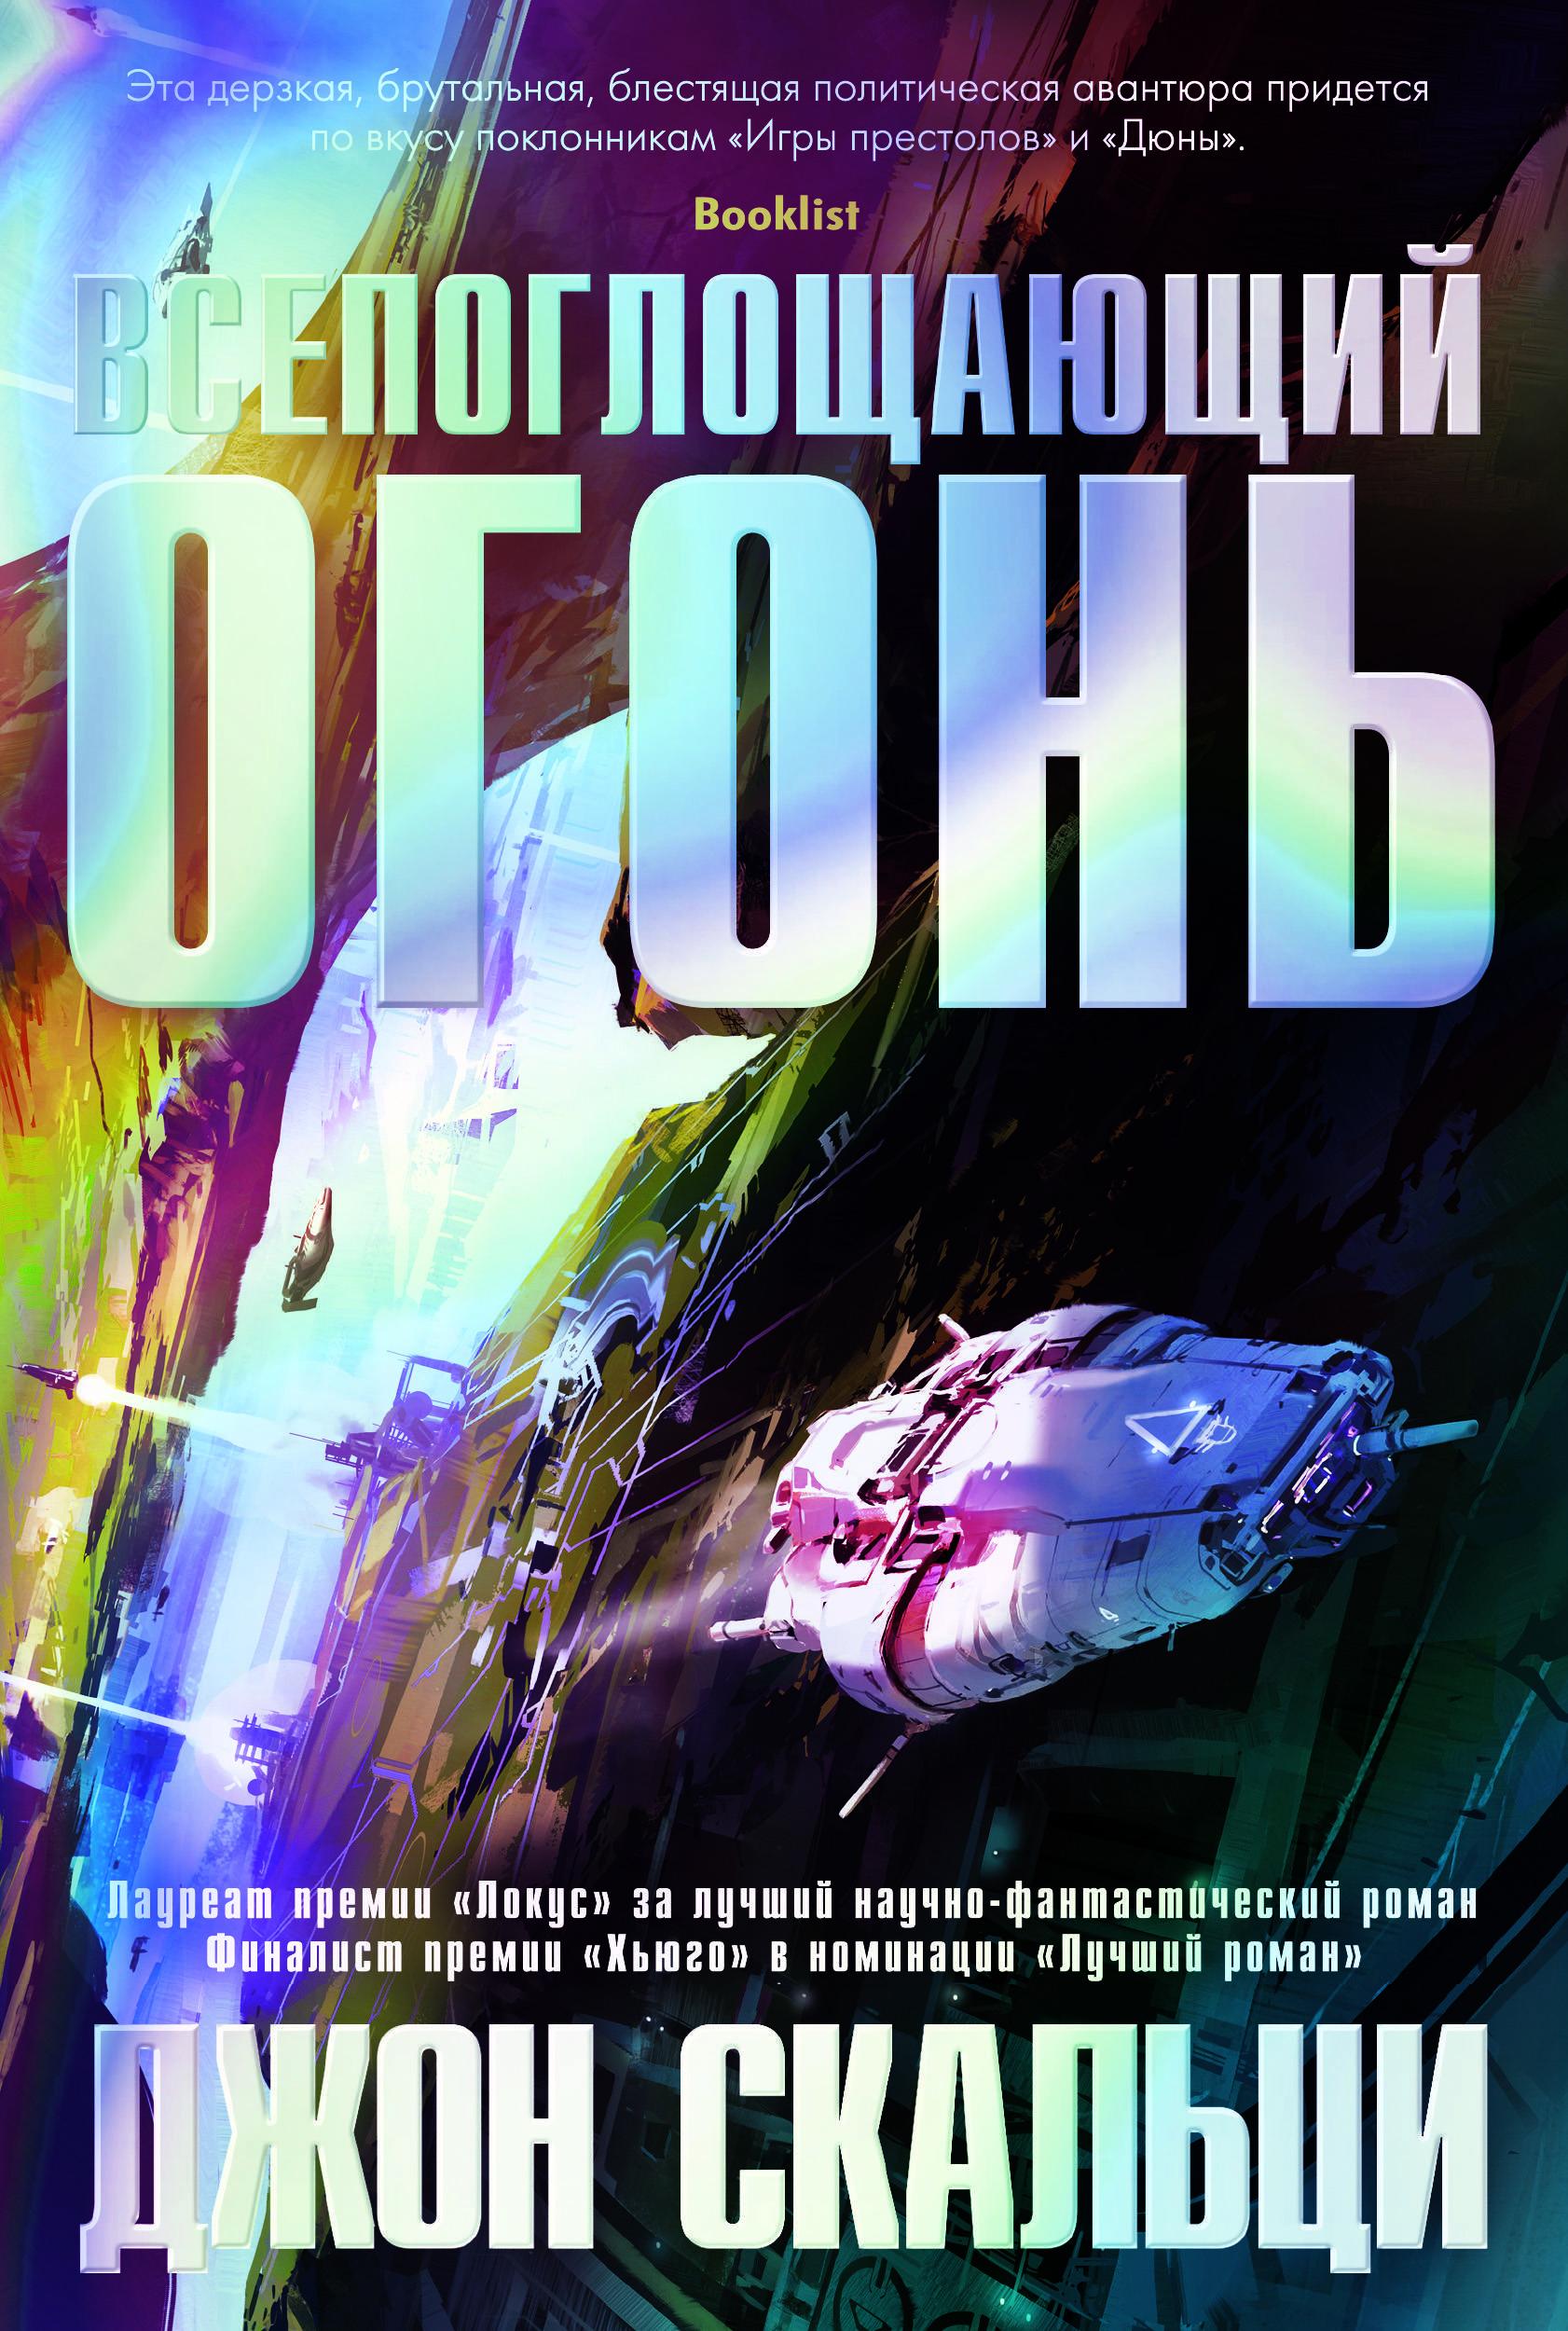 Что почитать: второй том нового Скальци и переиздание психологической фантастики Веркина 2